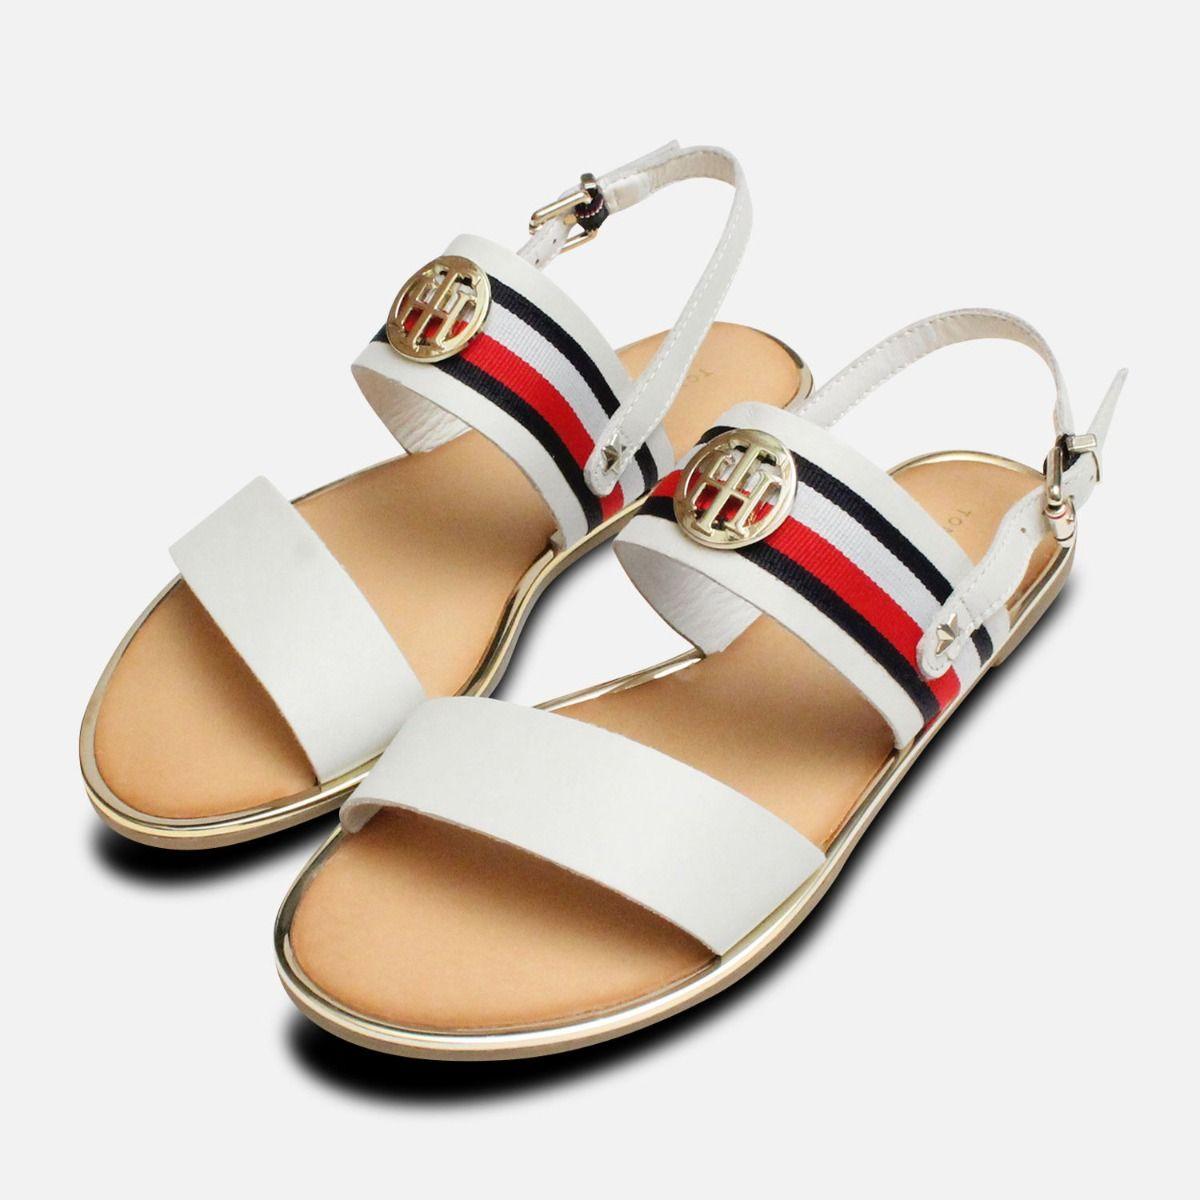 Tommy Hilfiger RWB White Summer Sandals